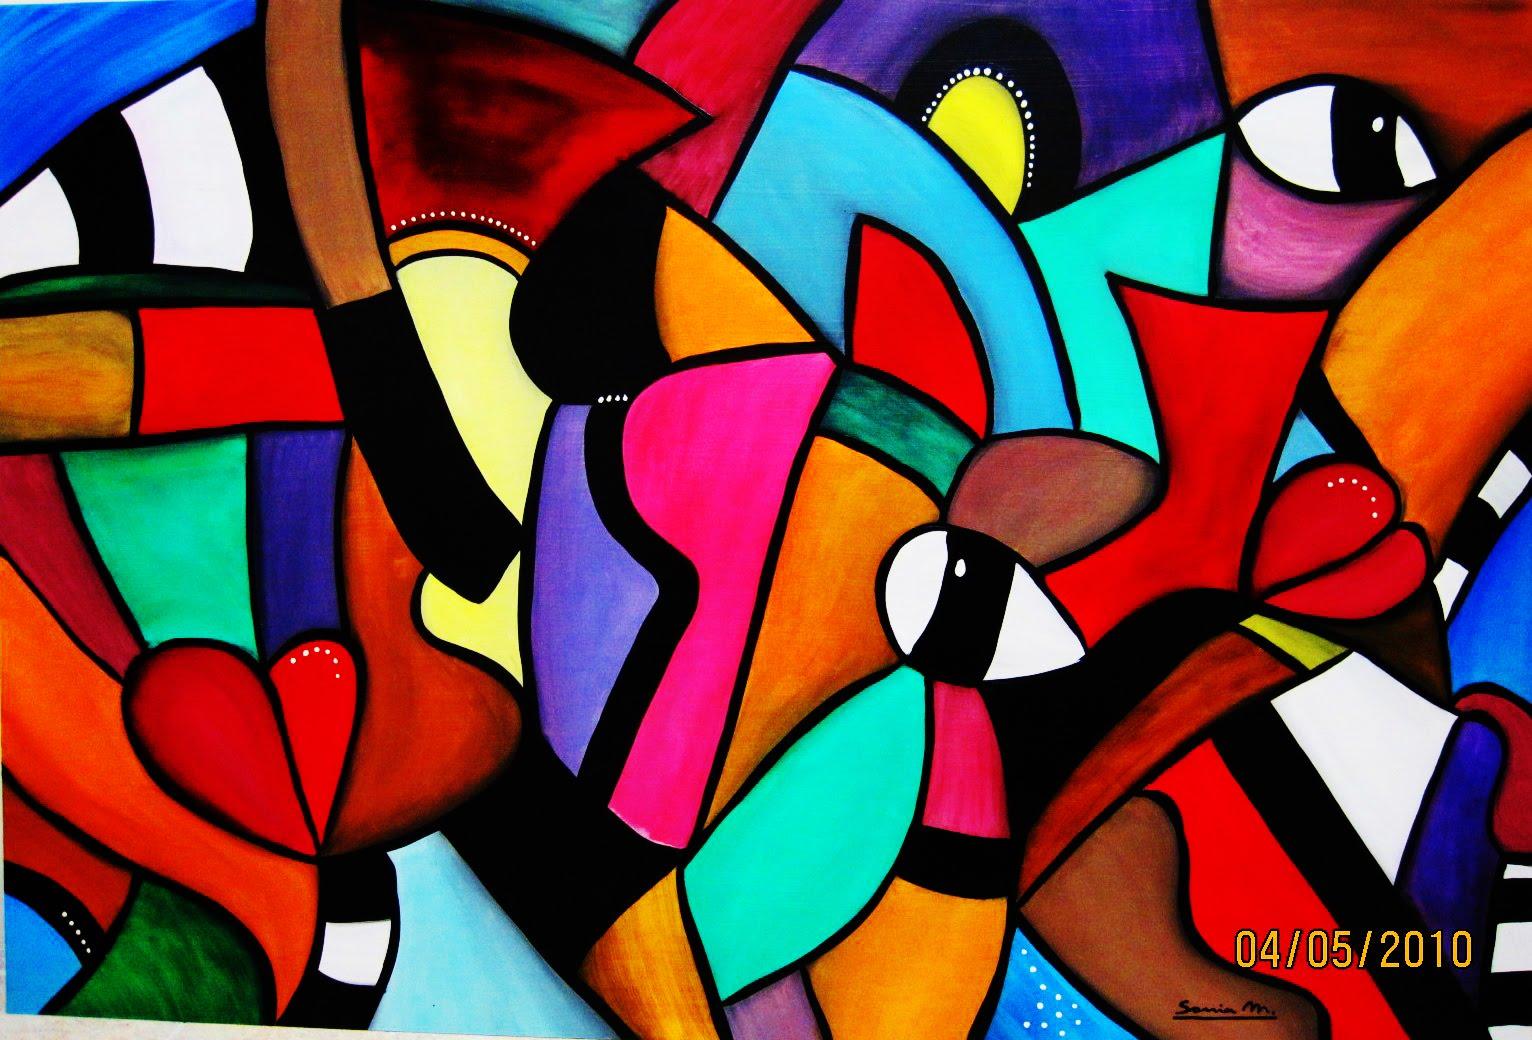 El desv n de sof a pintura abstracta for Imagenes de cuadros abstractos faciles de hacer